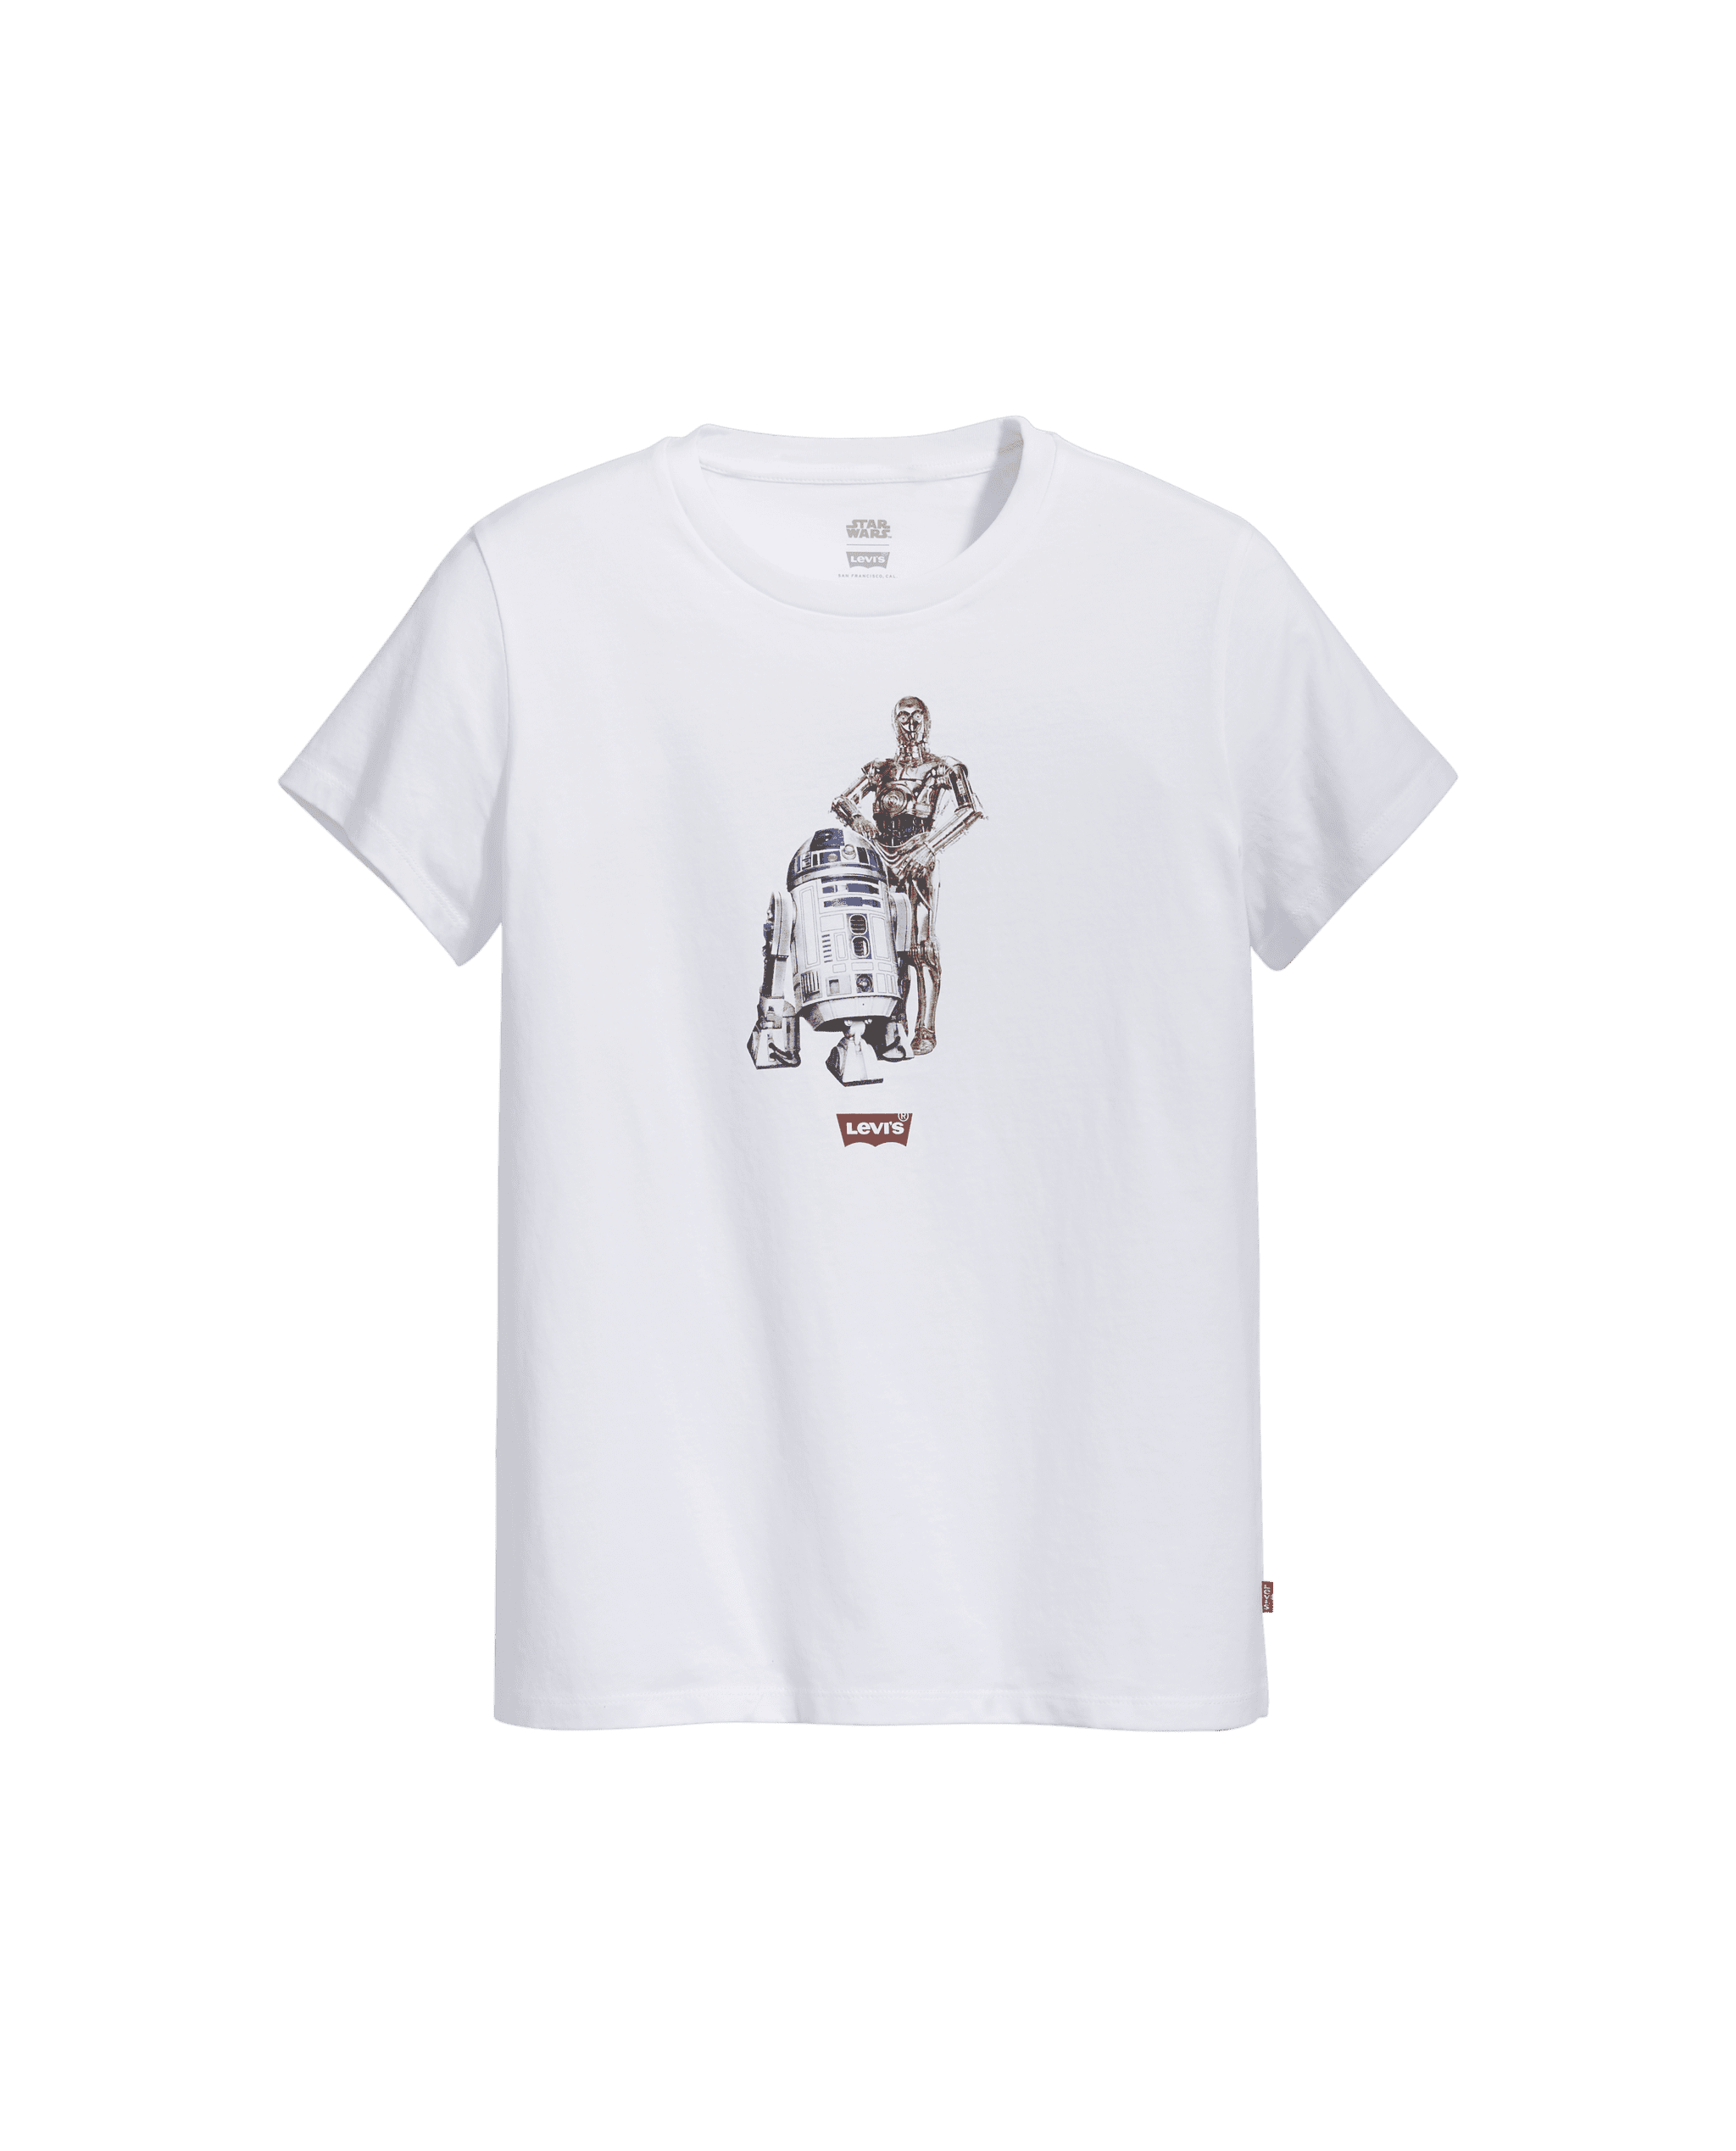 Vader lines Boys T-shirt Black Star Wars